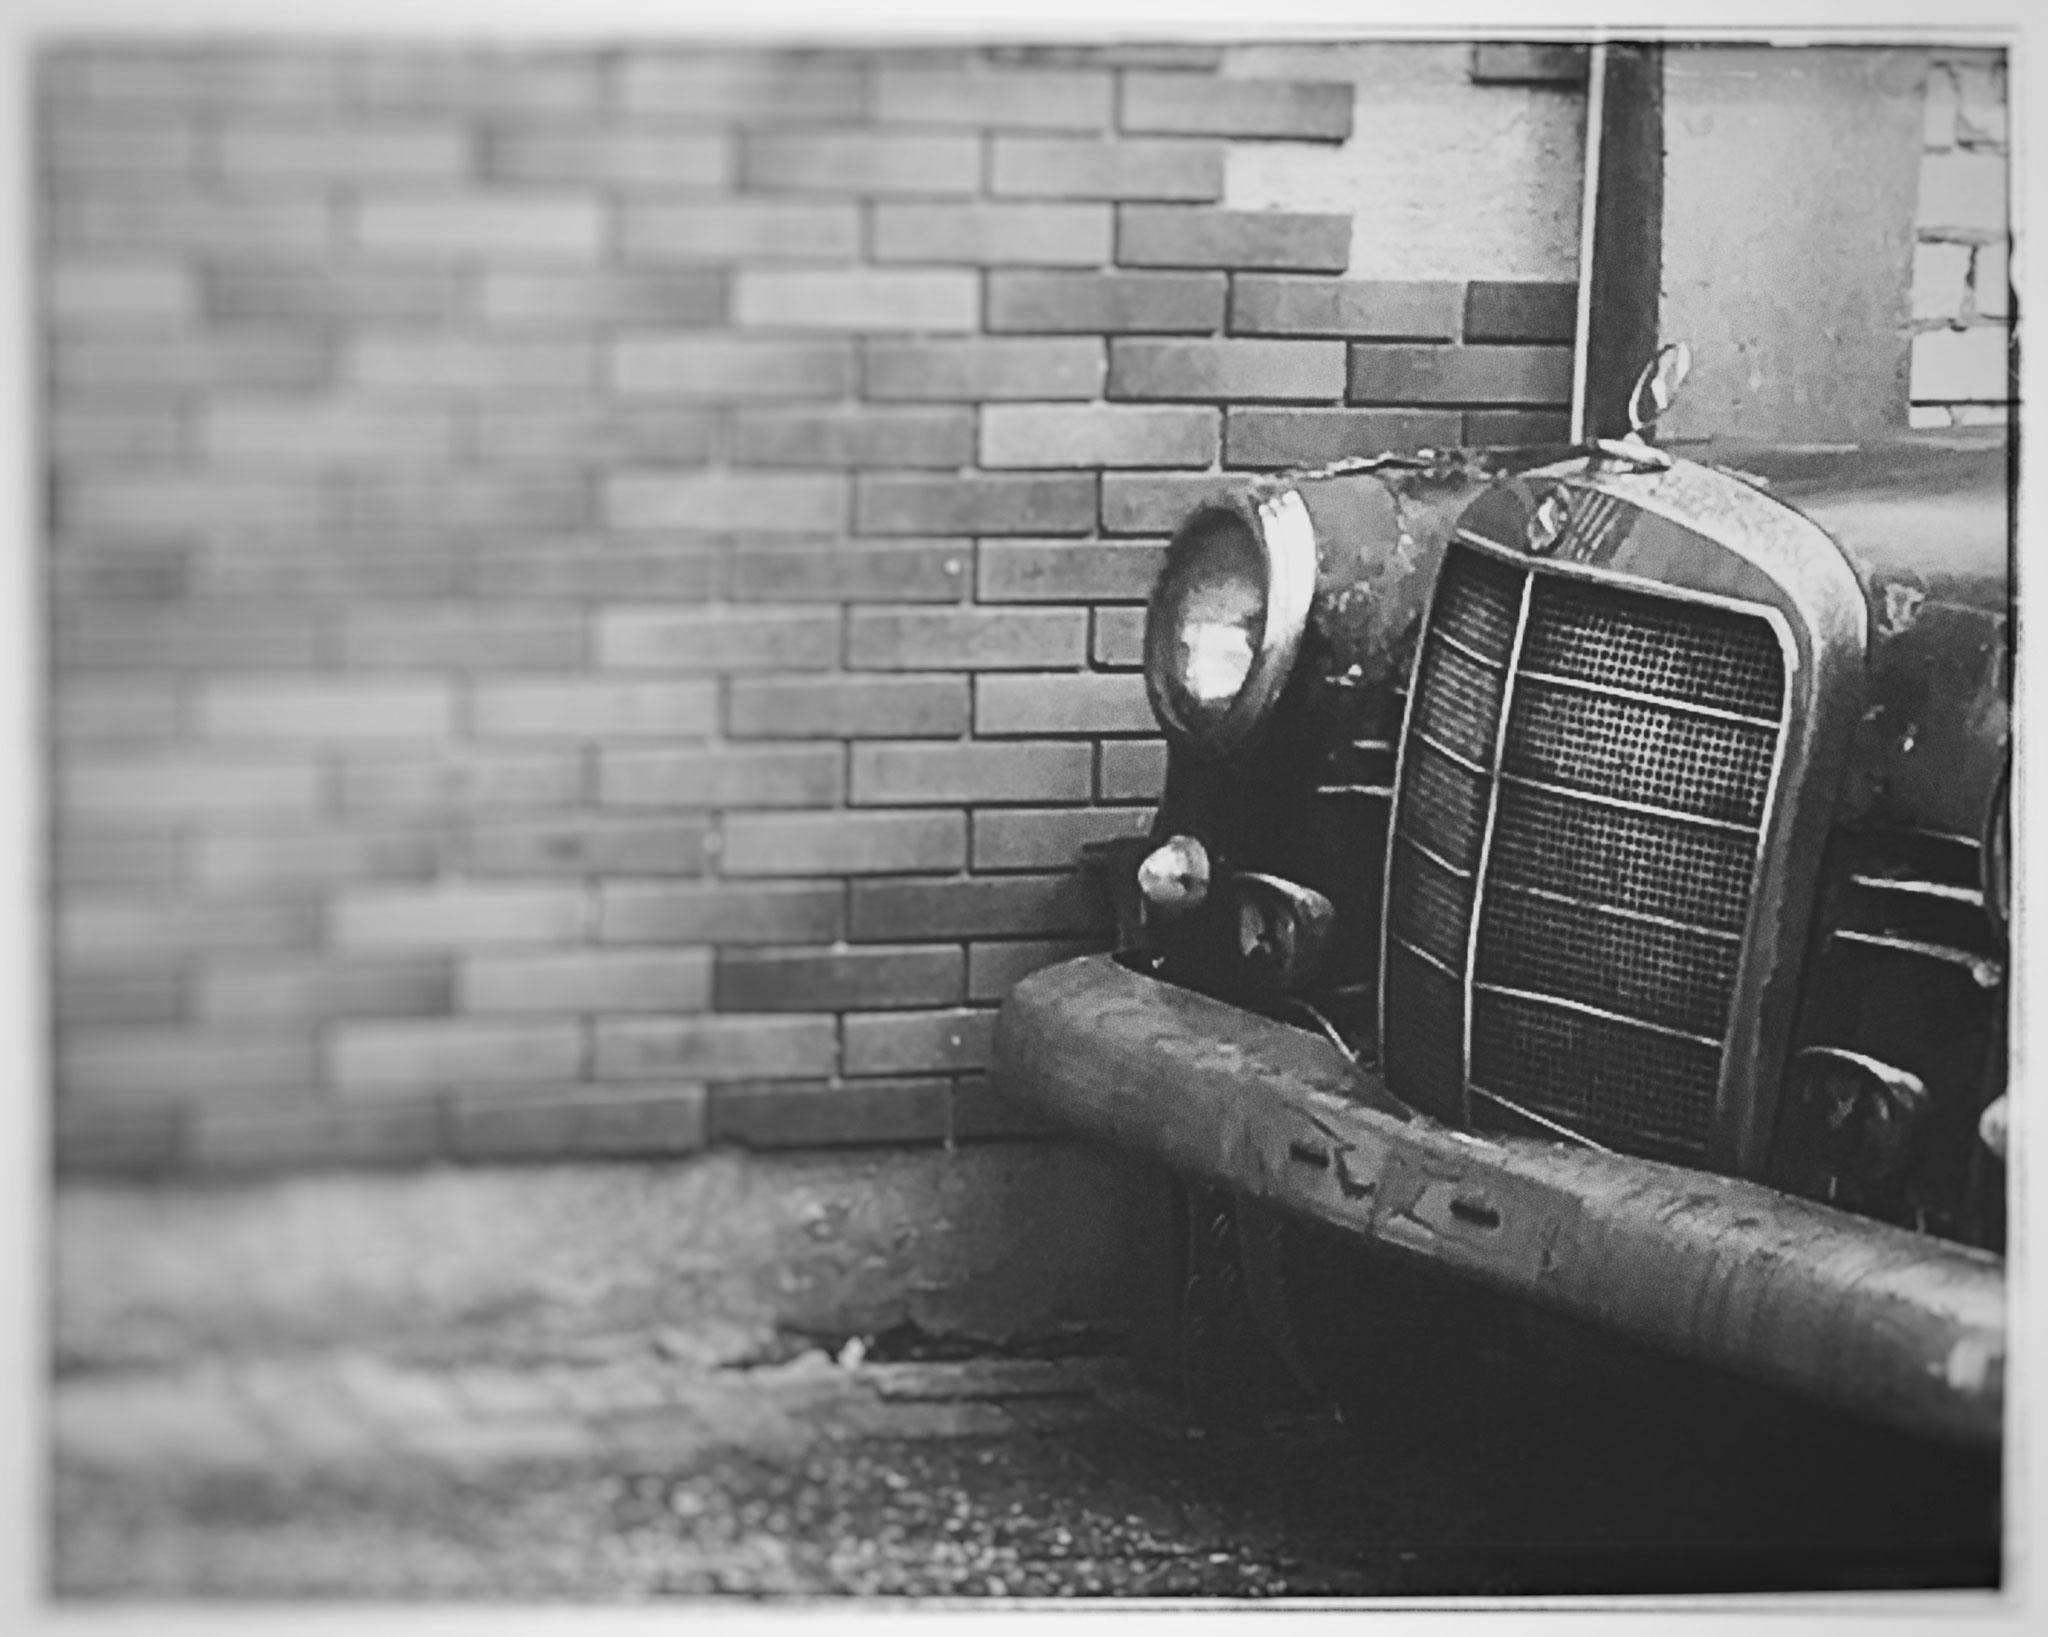 Der alte Mercedes im Hof. Shotloc: Ludwigshafen